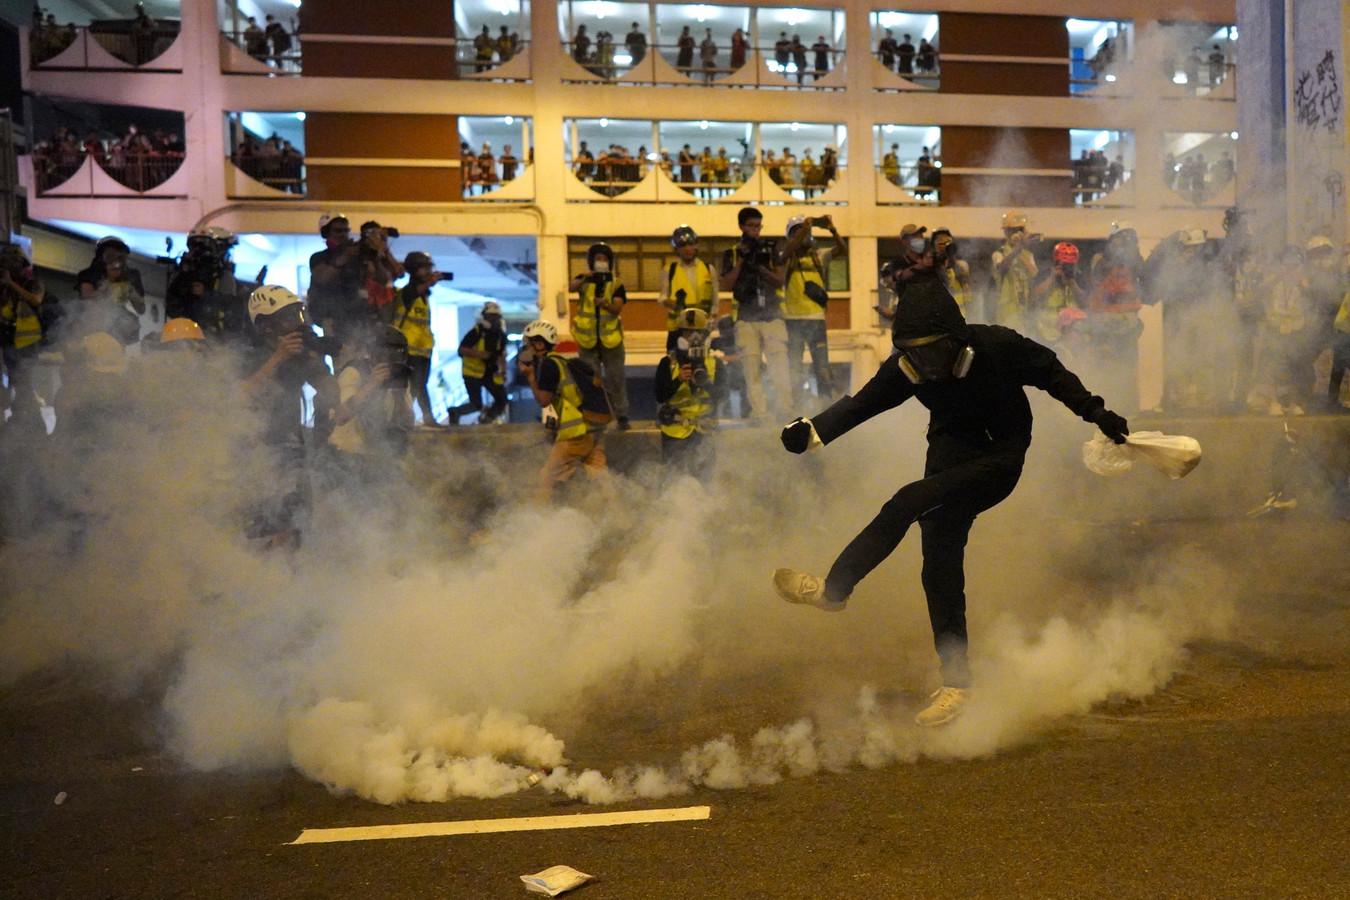 Een demonstrant schopt tegen traangas dat door de politie is gegooid.